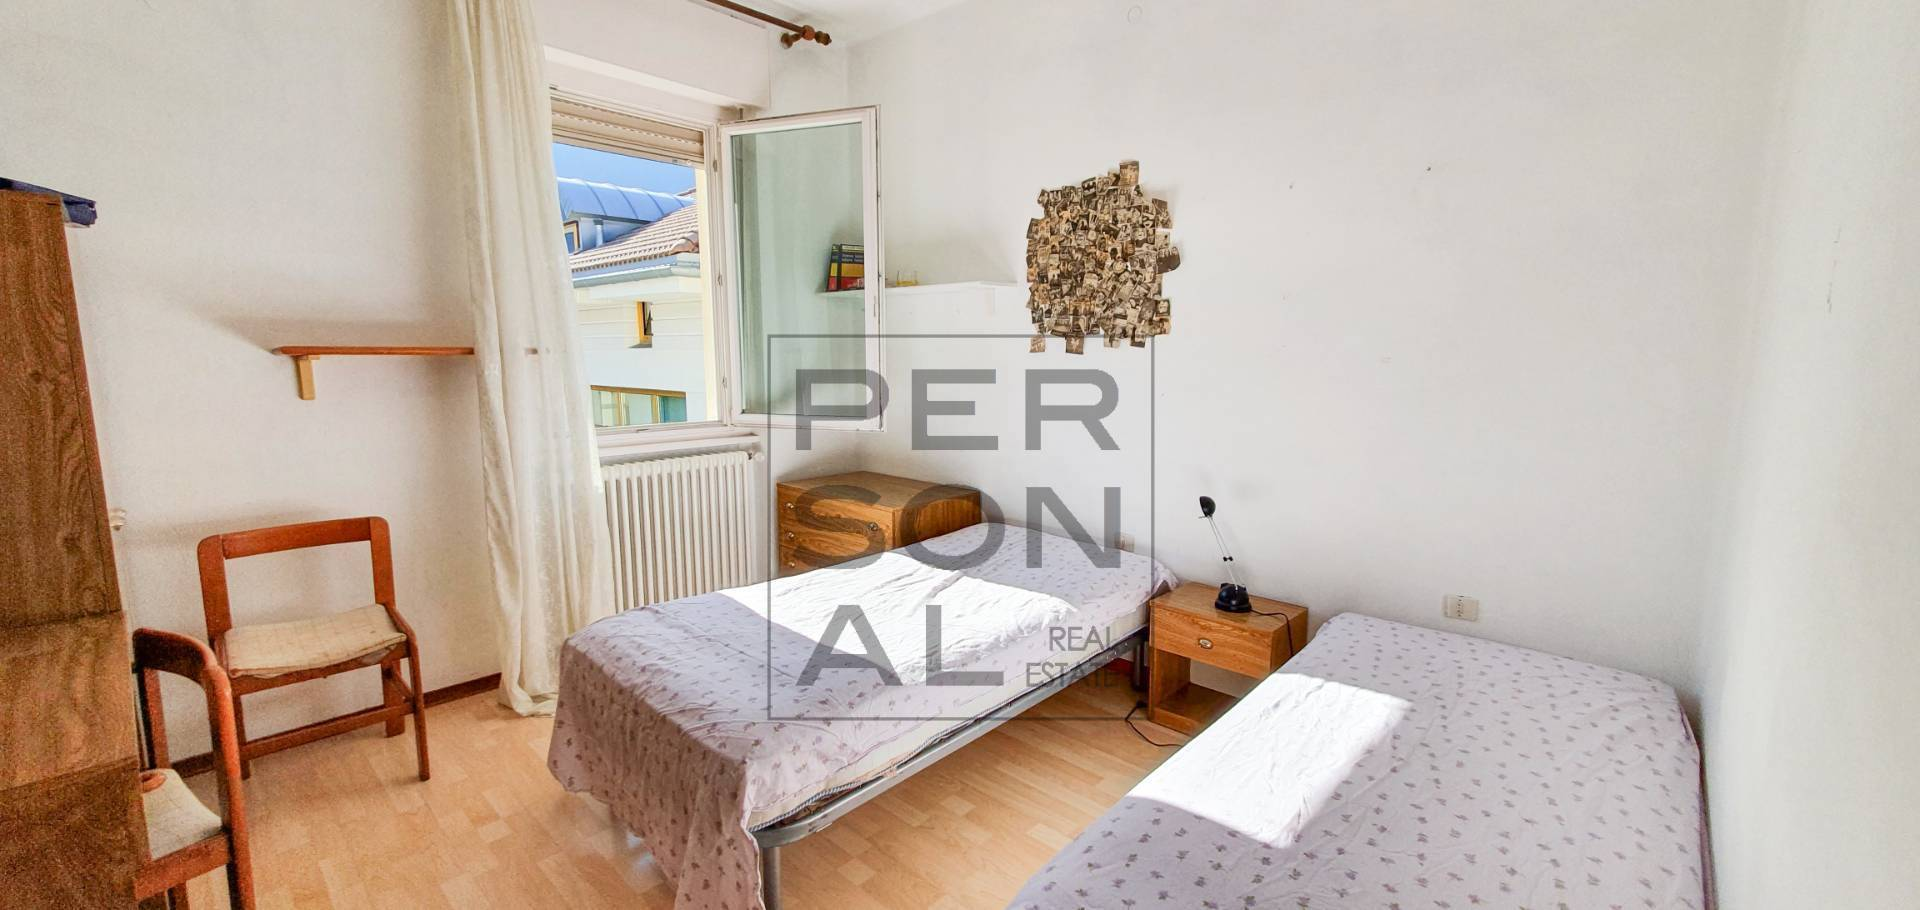 Foto appartamento in vendita a Cles (Trento)